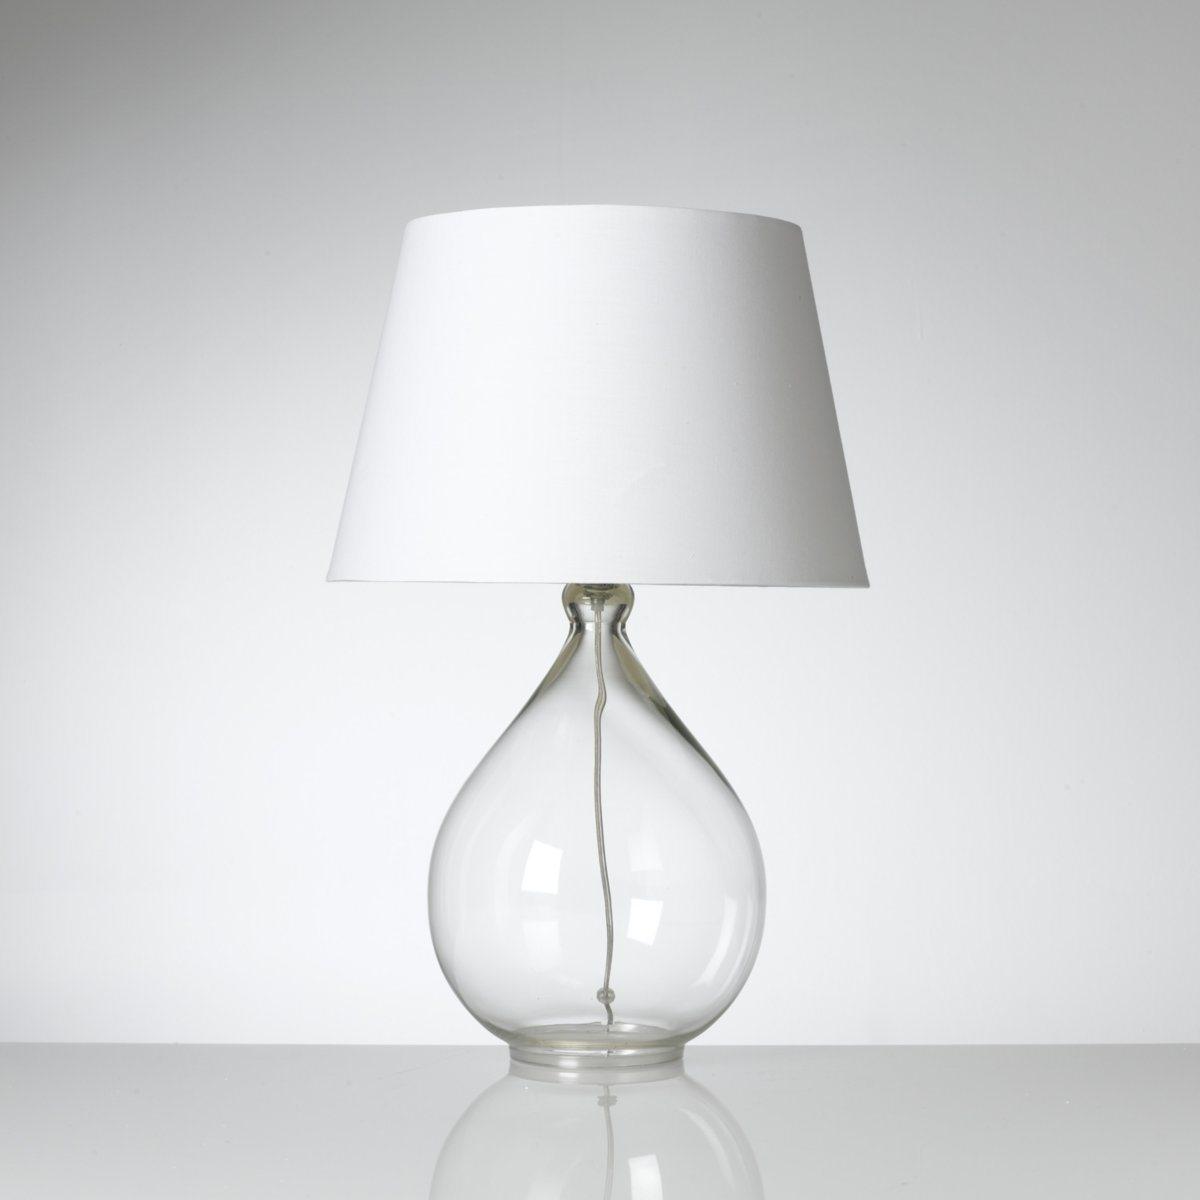 Лампа настольная, Izza от La Redoute